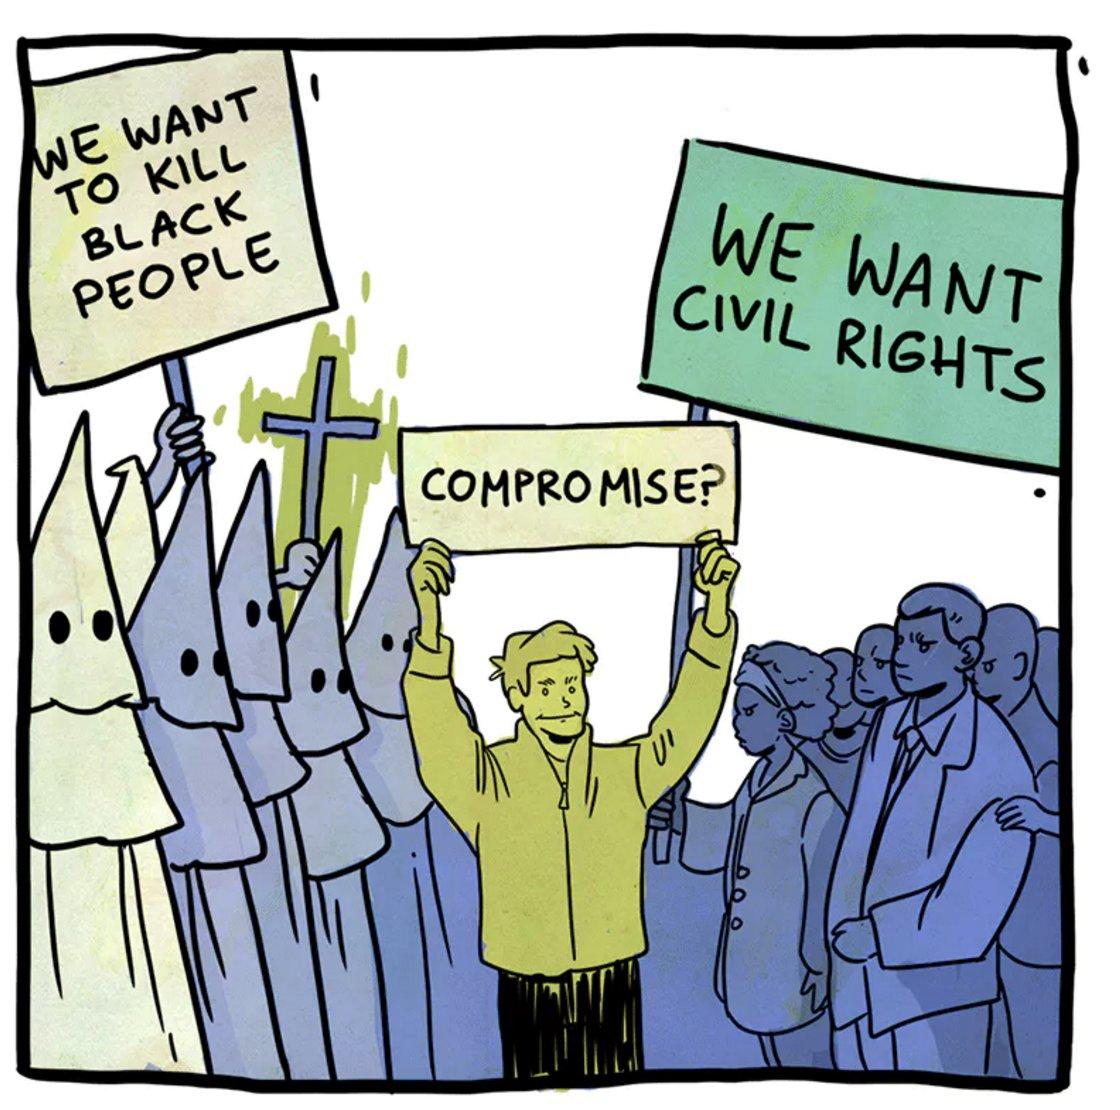 Image result for cartoon compromise black lives KKK